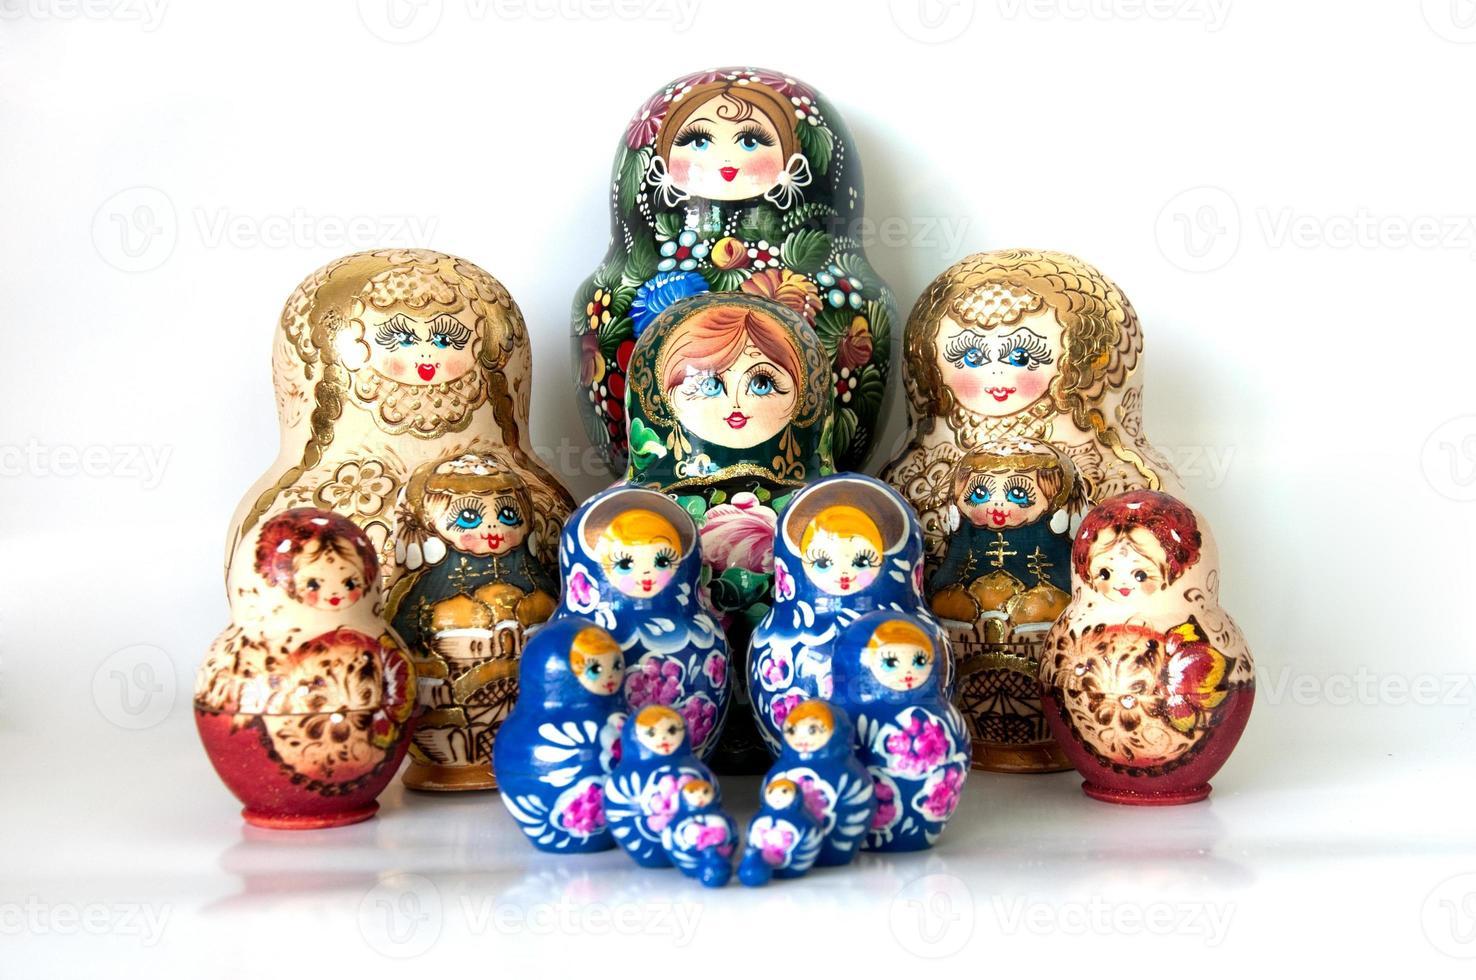 familia de muñecas rusas anidadas foto